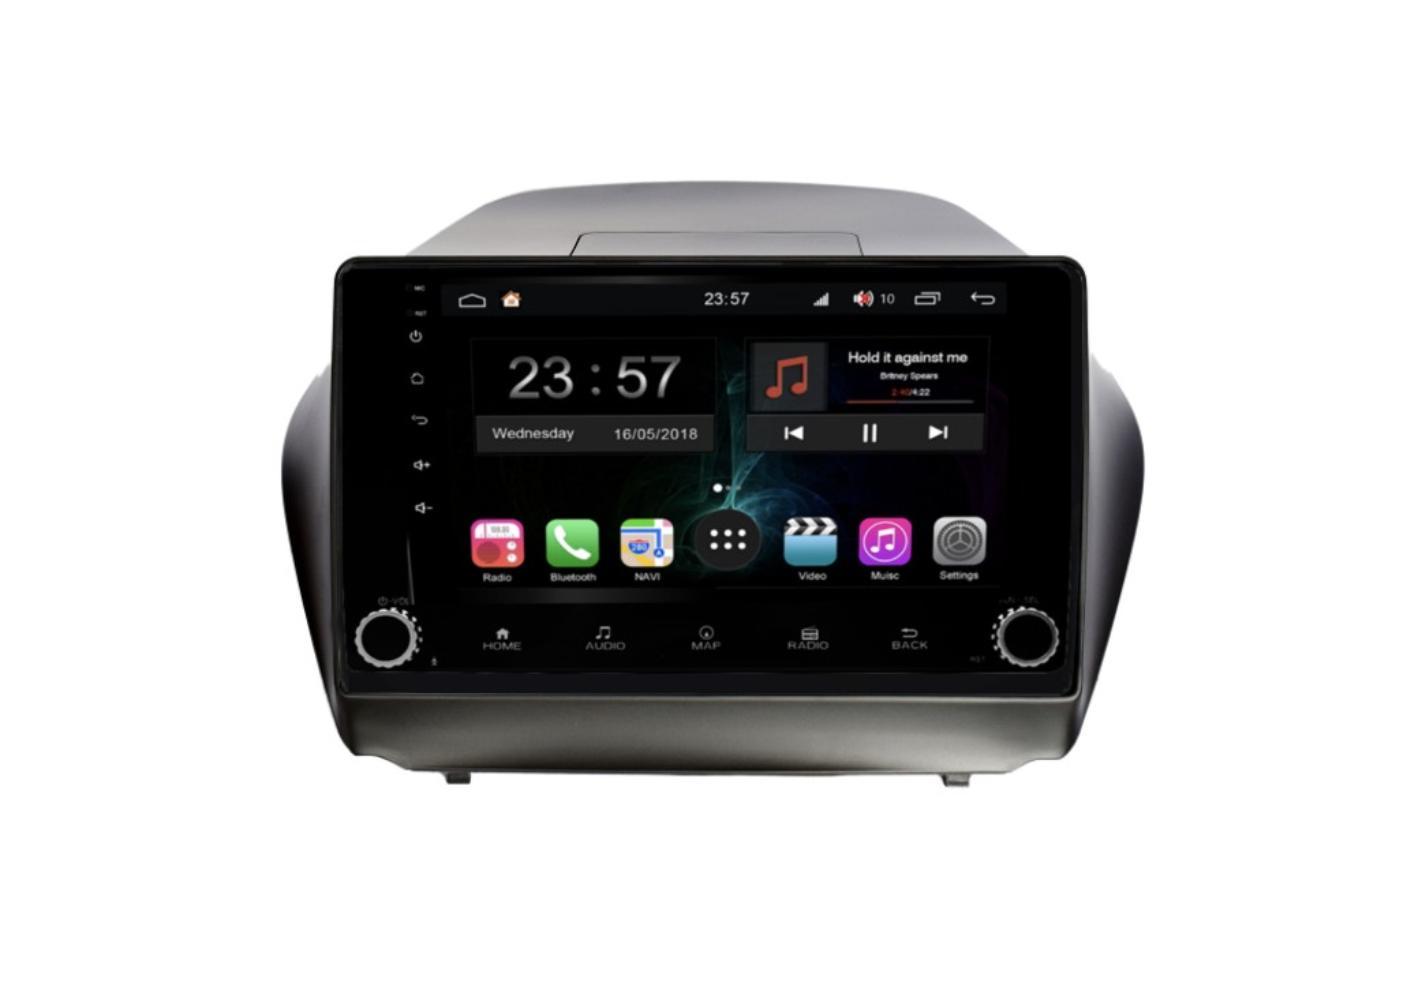 Штатная магнитола FarCar s300-SIM 4G для Hyundai ix35 на Android (RG361RB) (+ Камера заднего вида в подарок!)